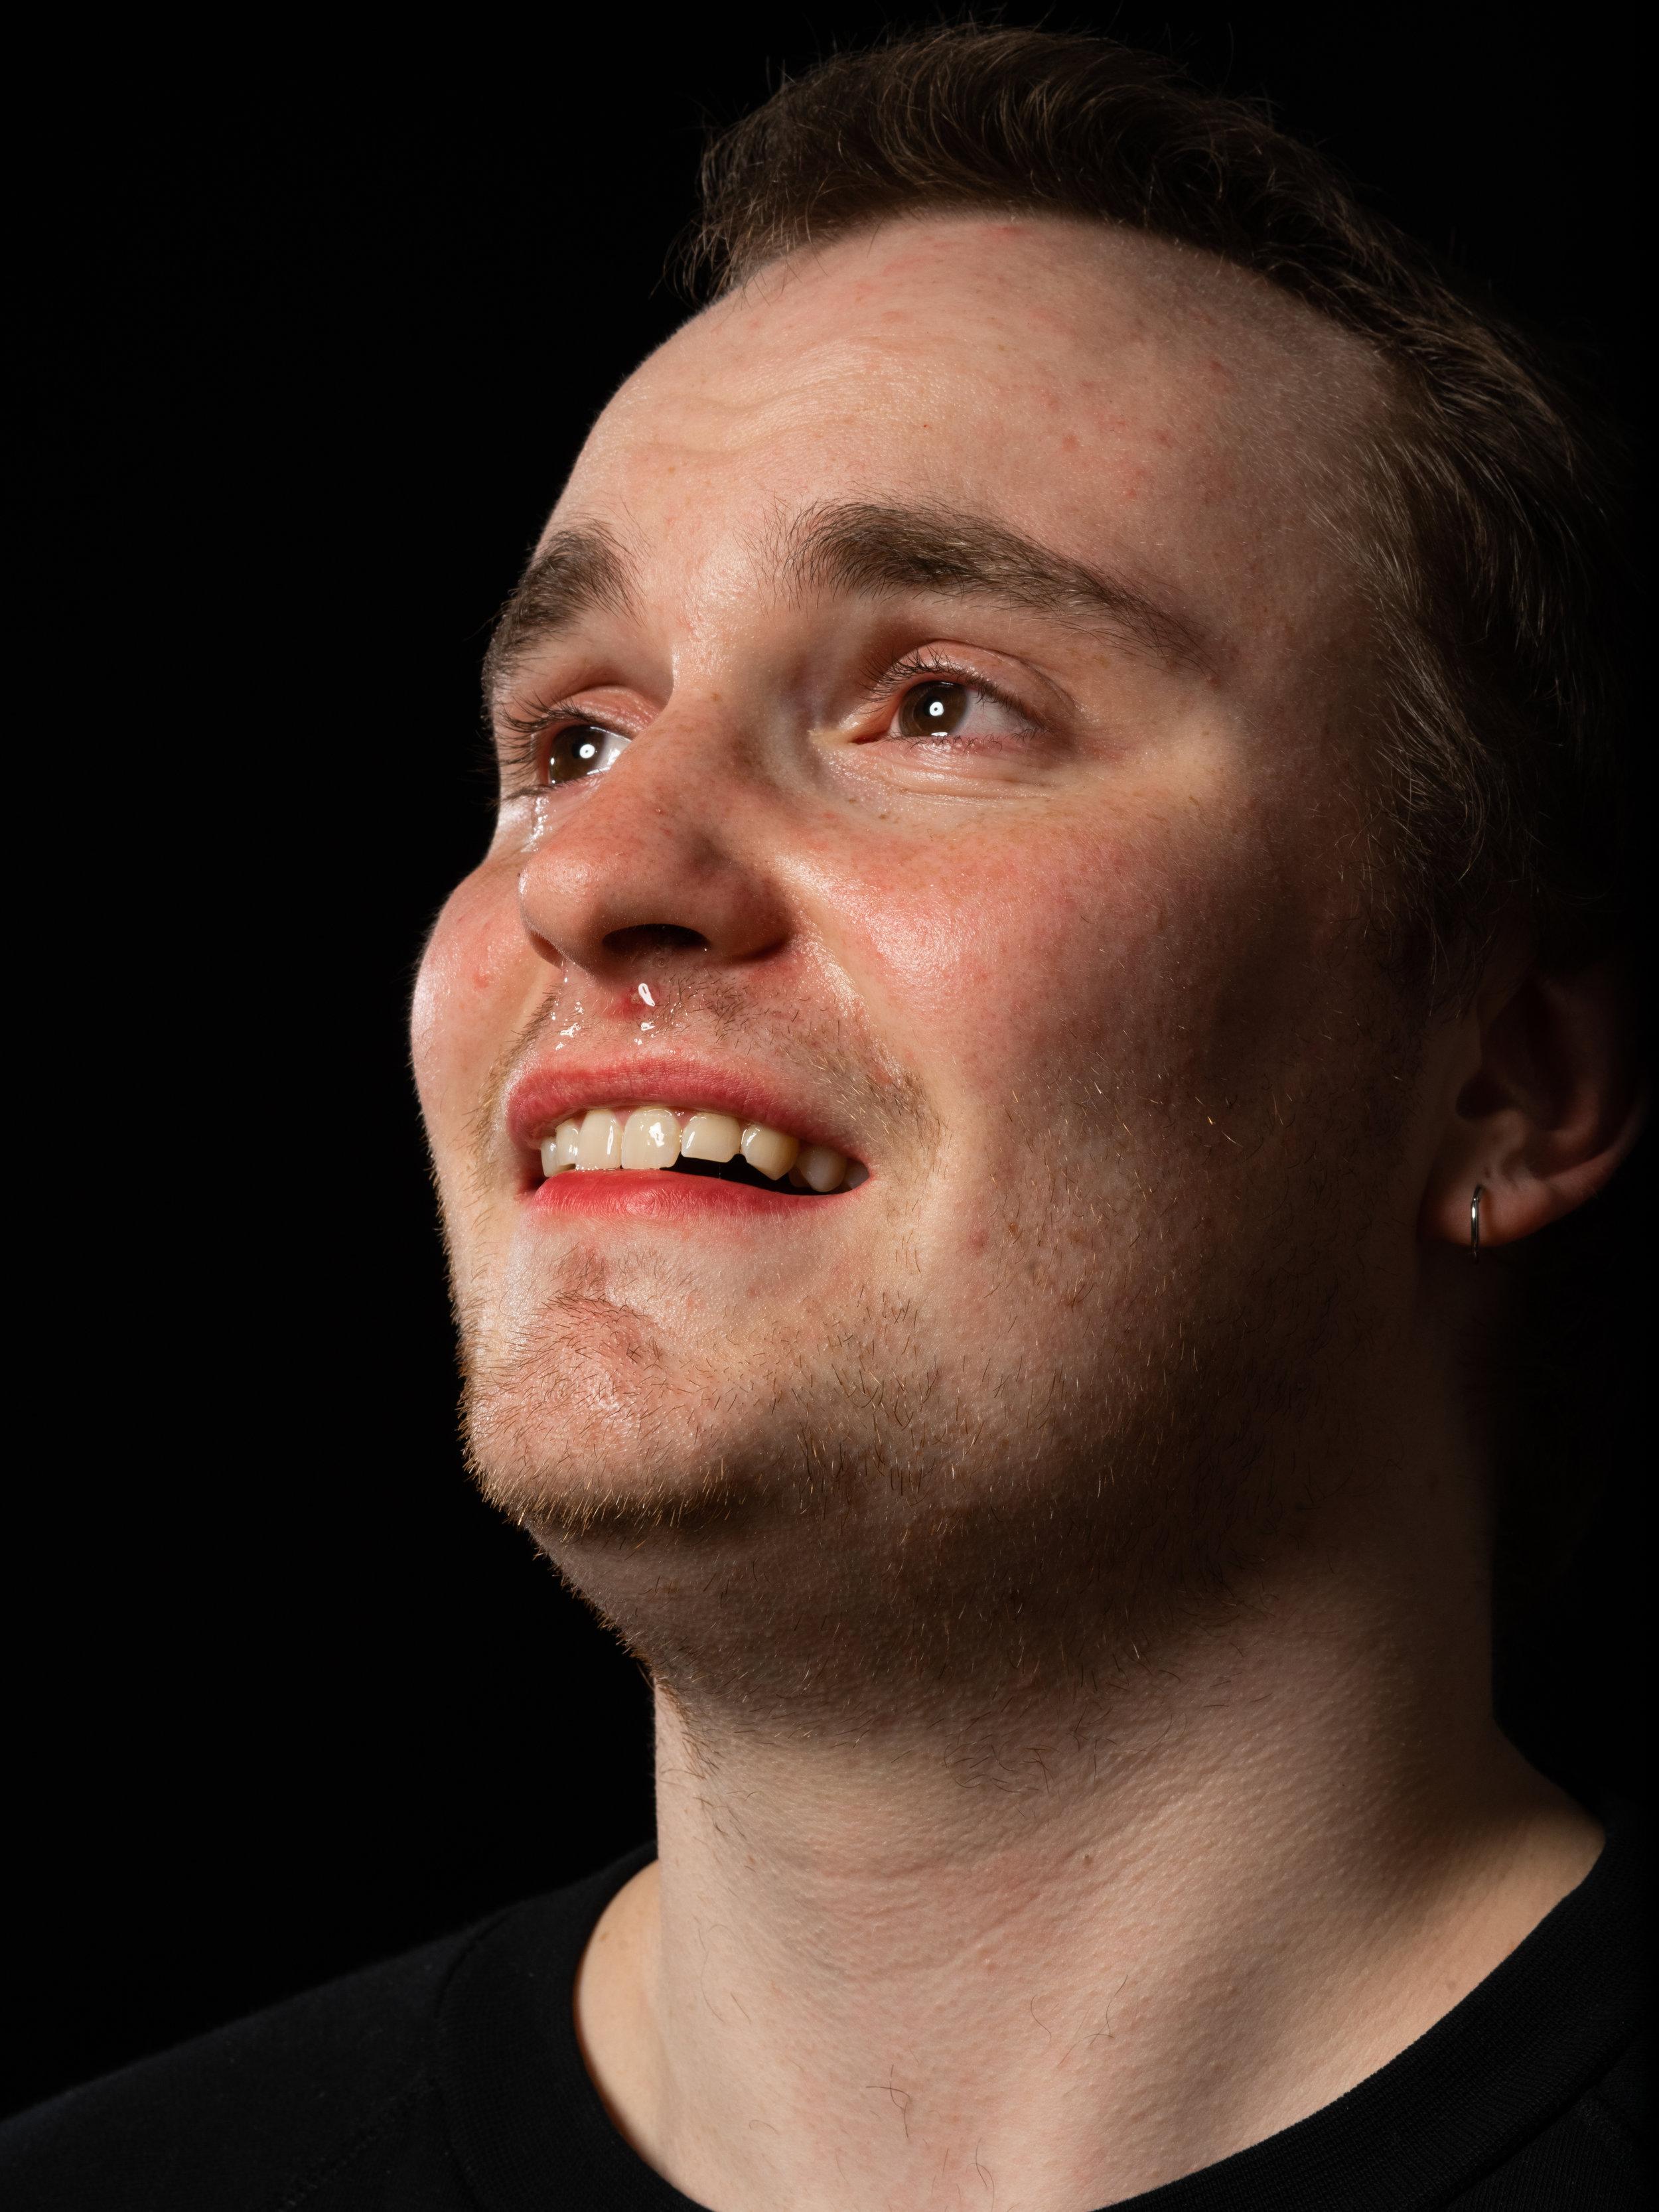 The artist himself (Photo Credit: Even Schwartz)